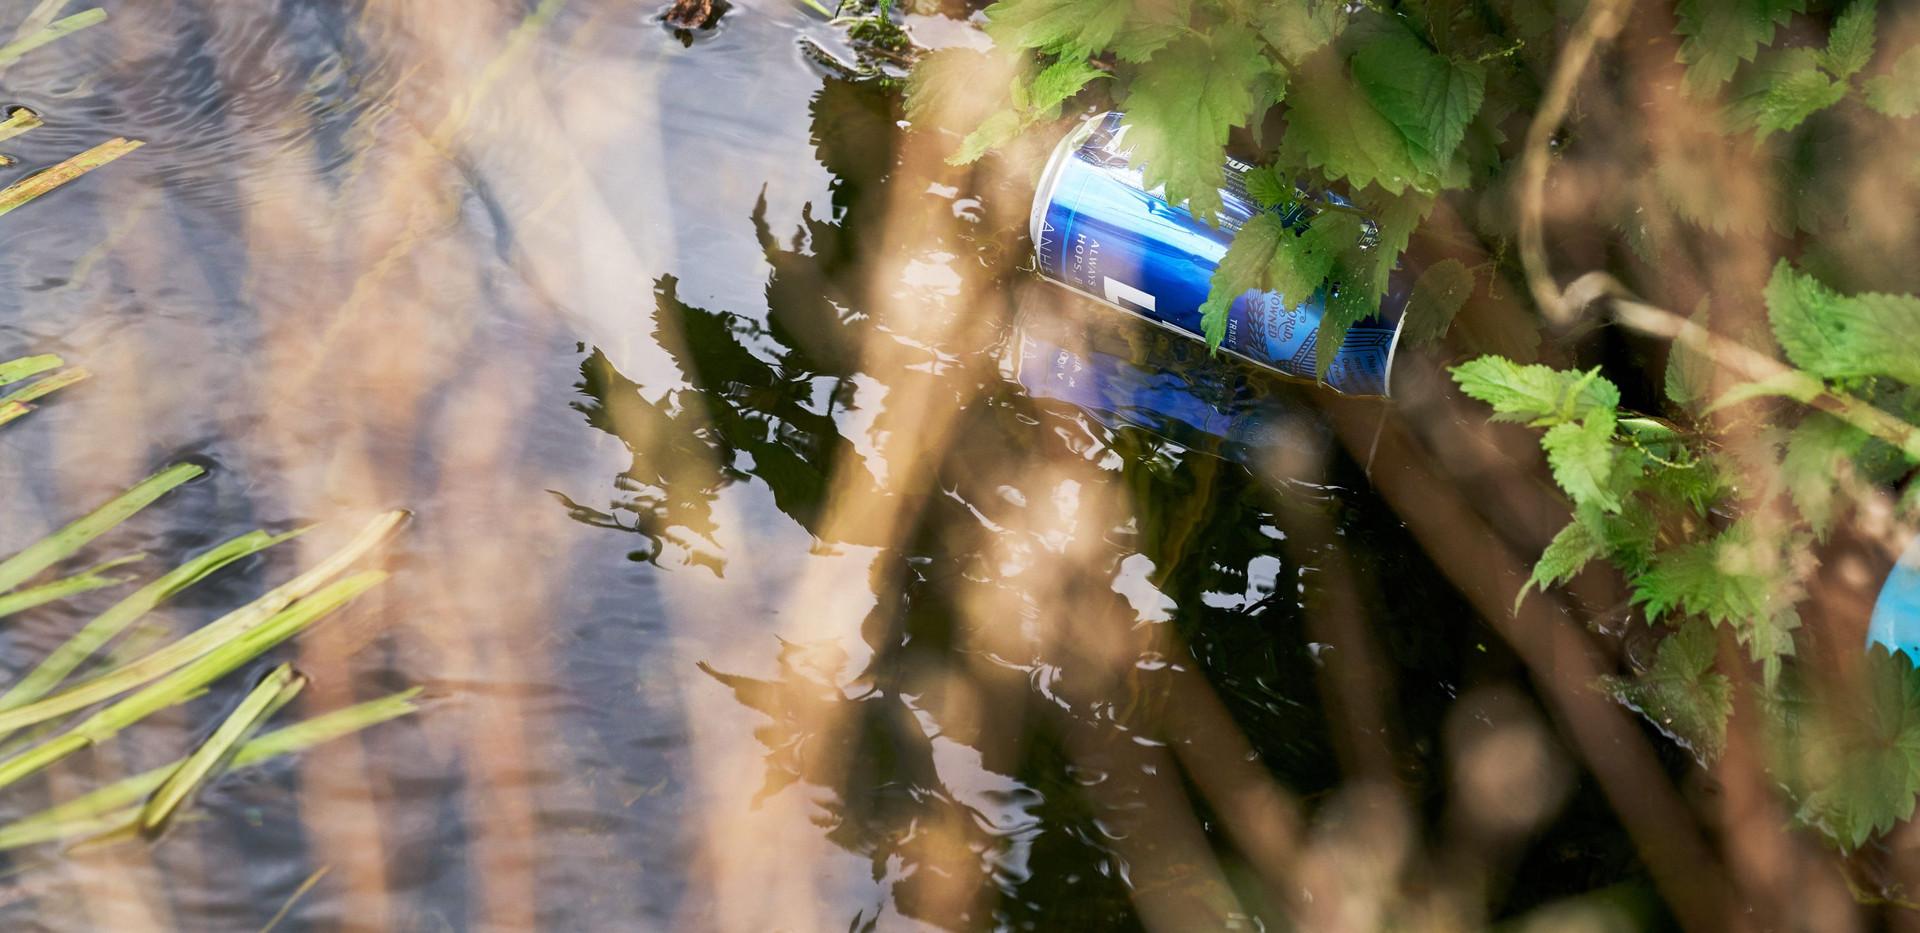 River_Colne_SJ_078.jpg